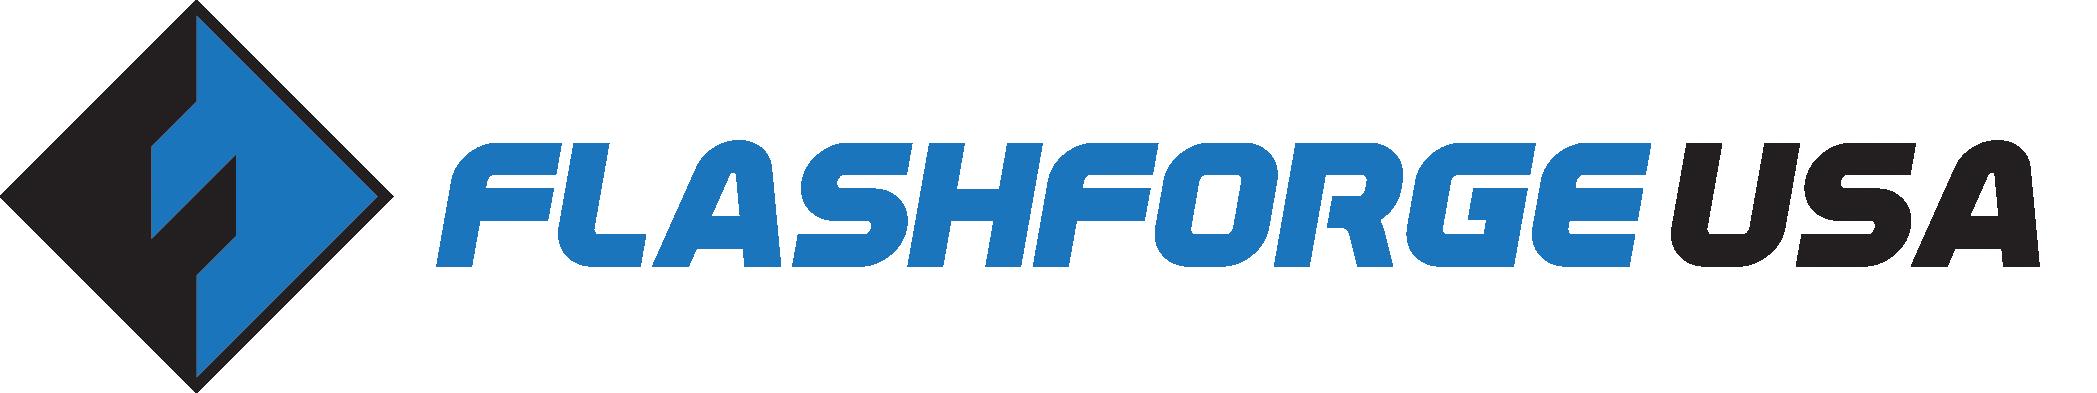 FLASHFORGE_logo_horizontal.png